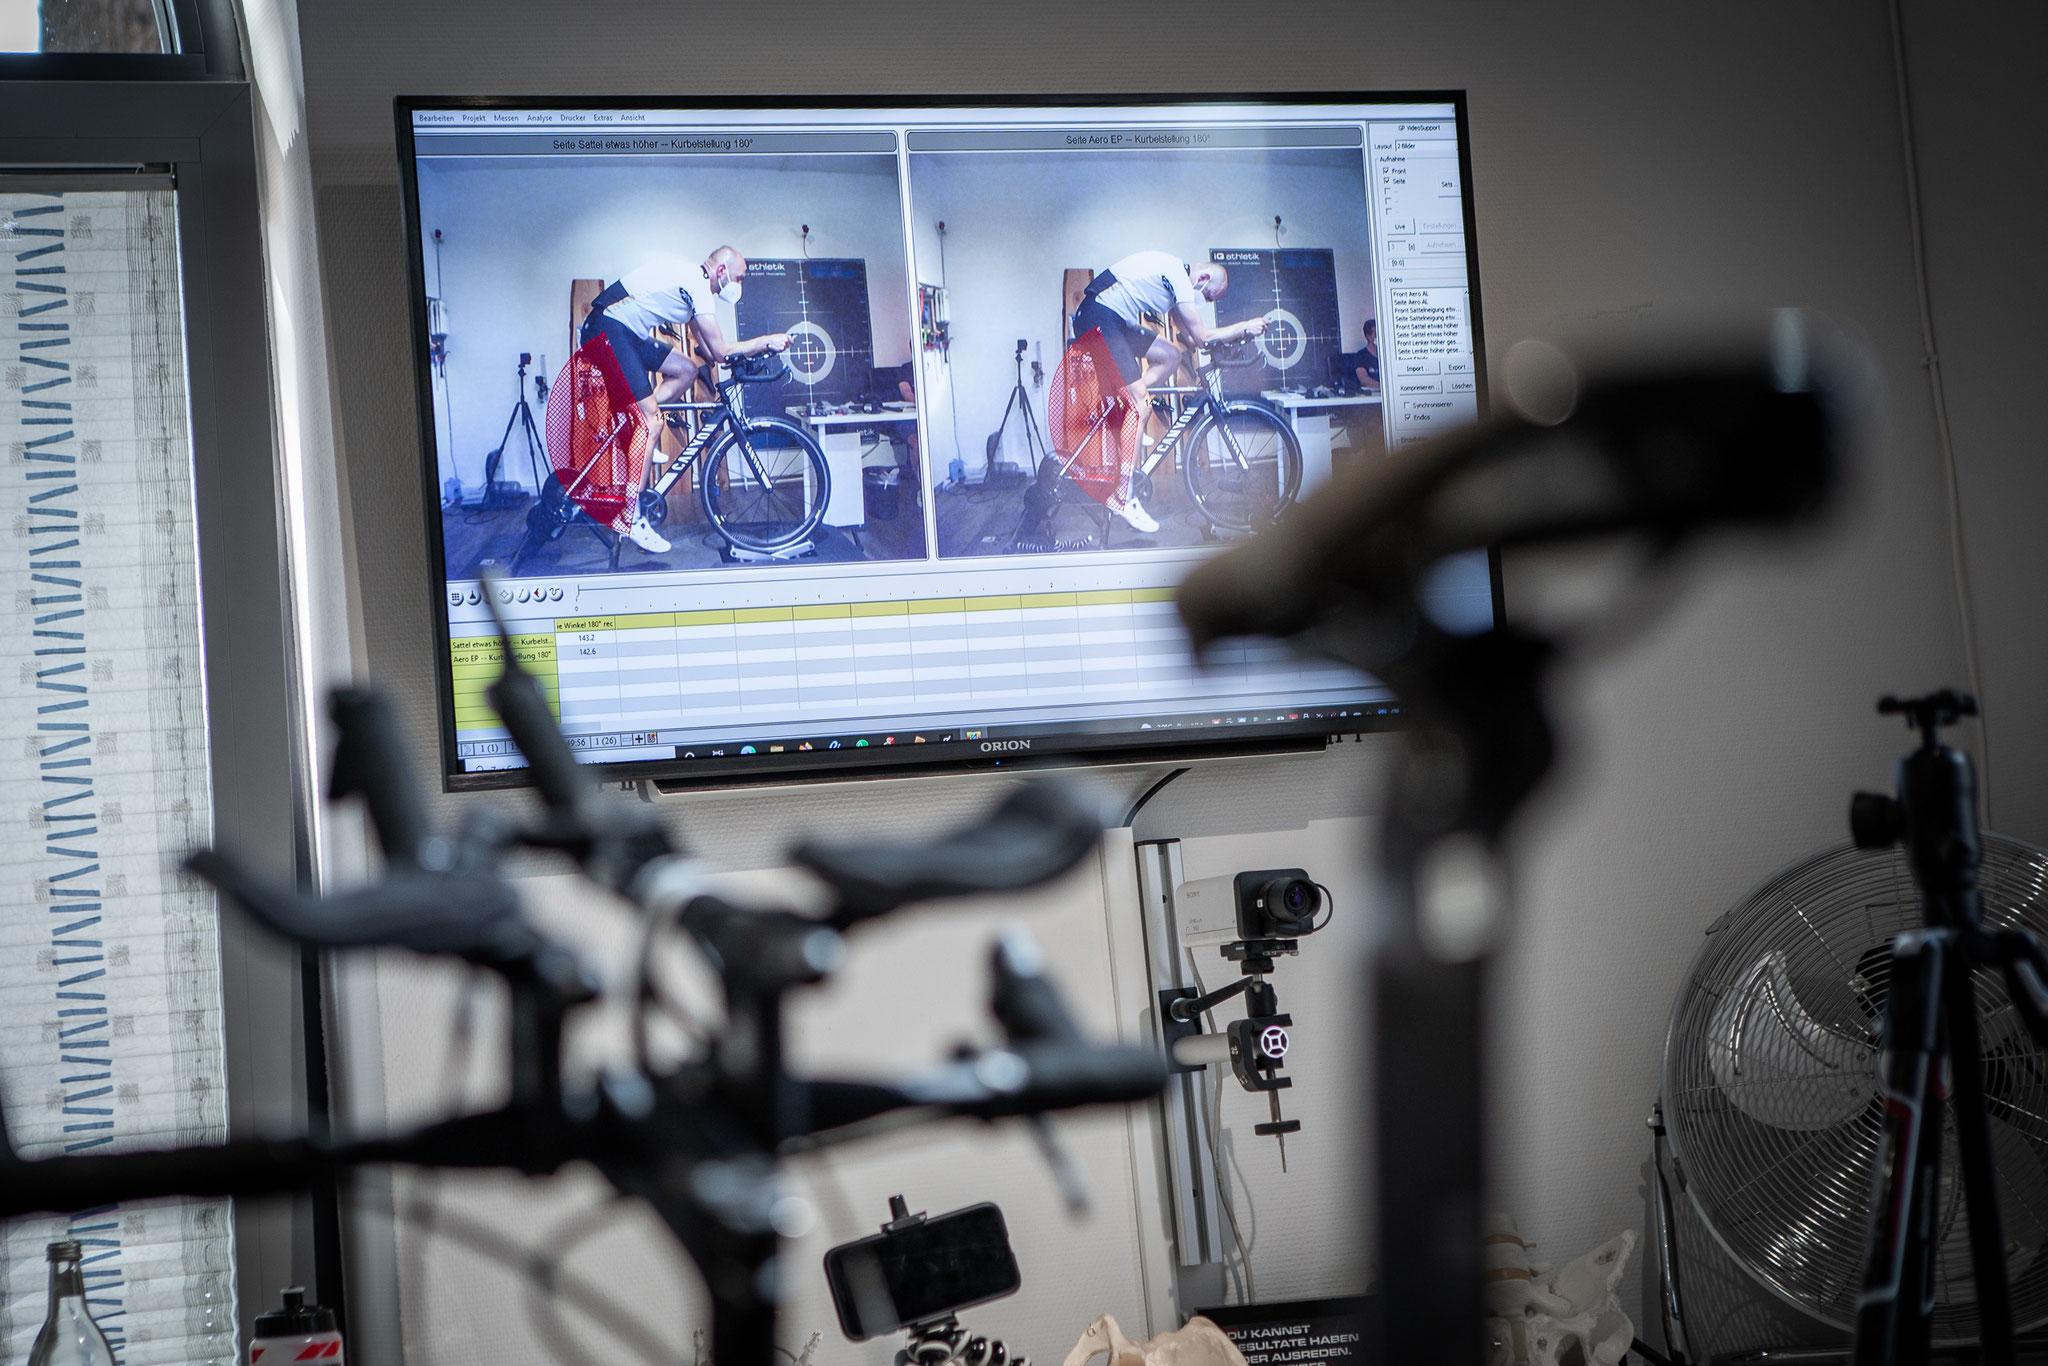 Videoanalyse der Sitzposition auf dem Fahrrad (Foto: Nils Thies)